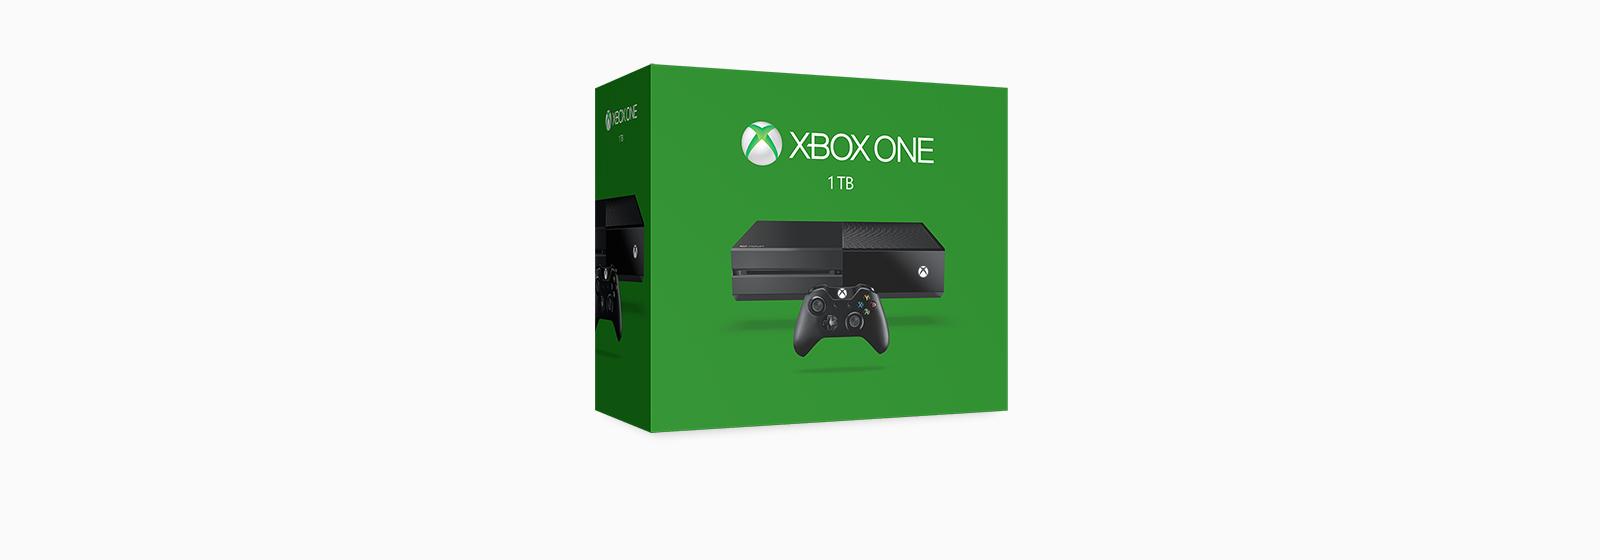 Poznaj nową konsolę Xbox z dyskiem 1TB.